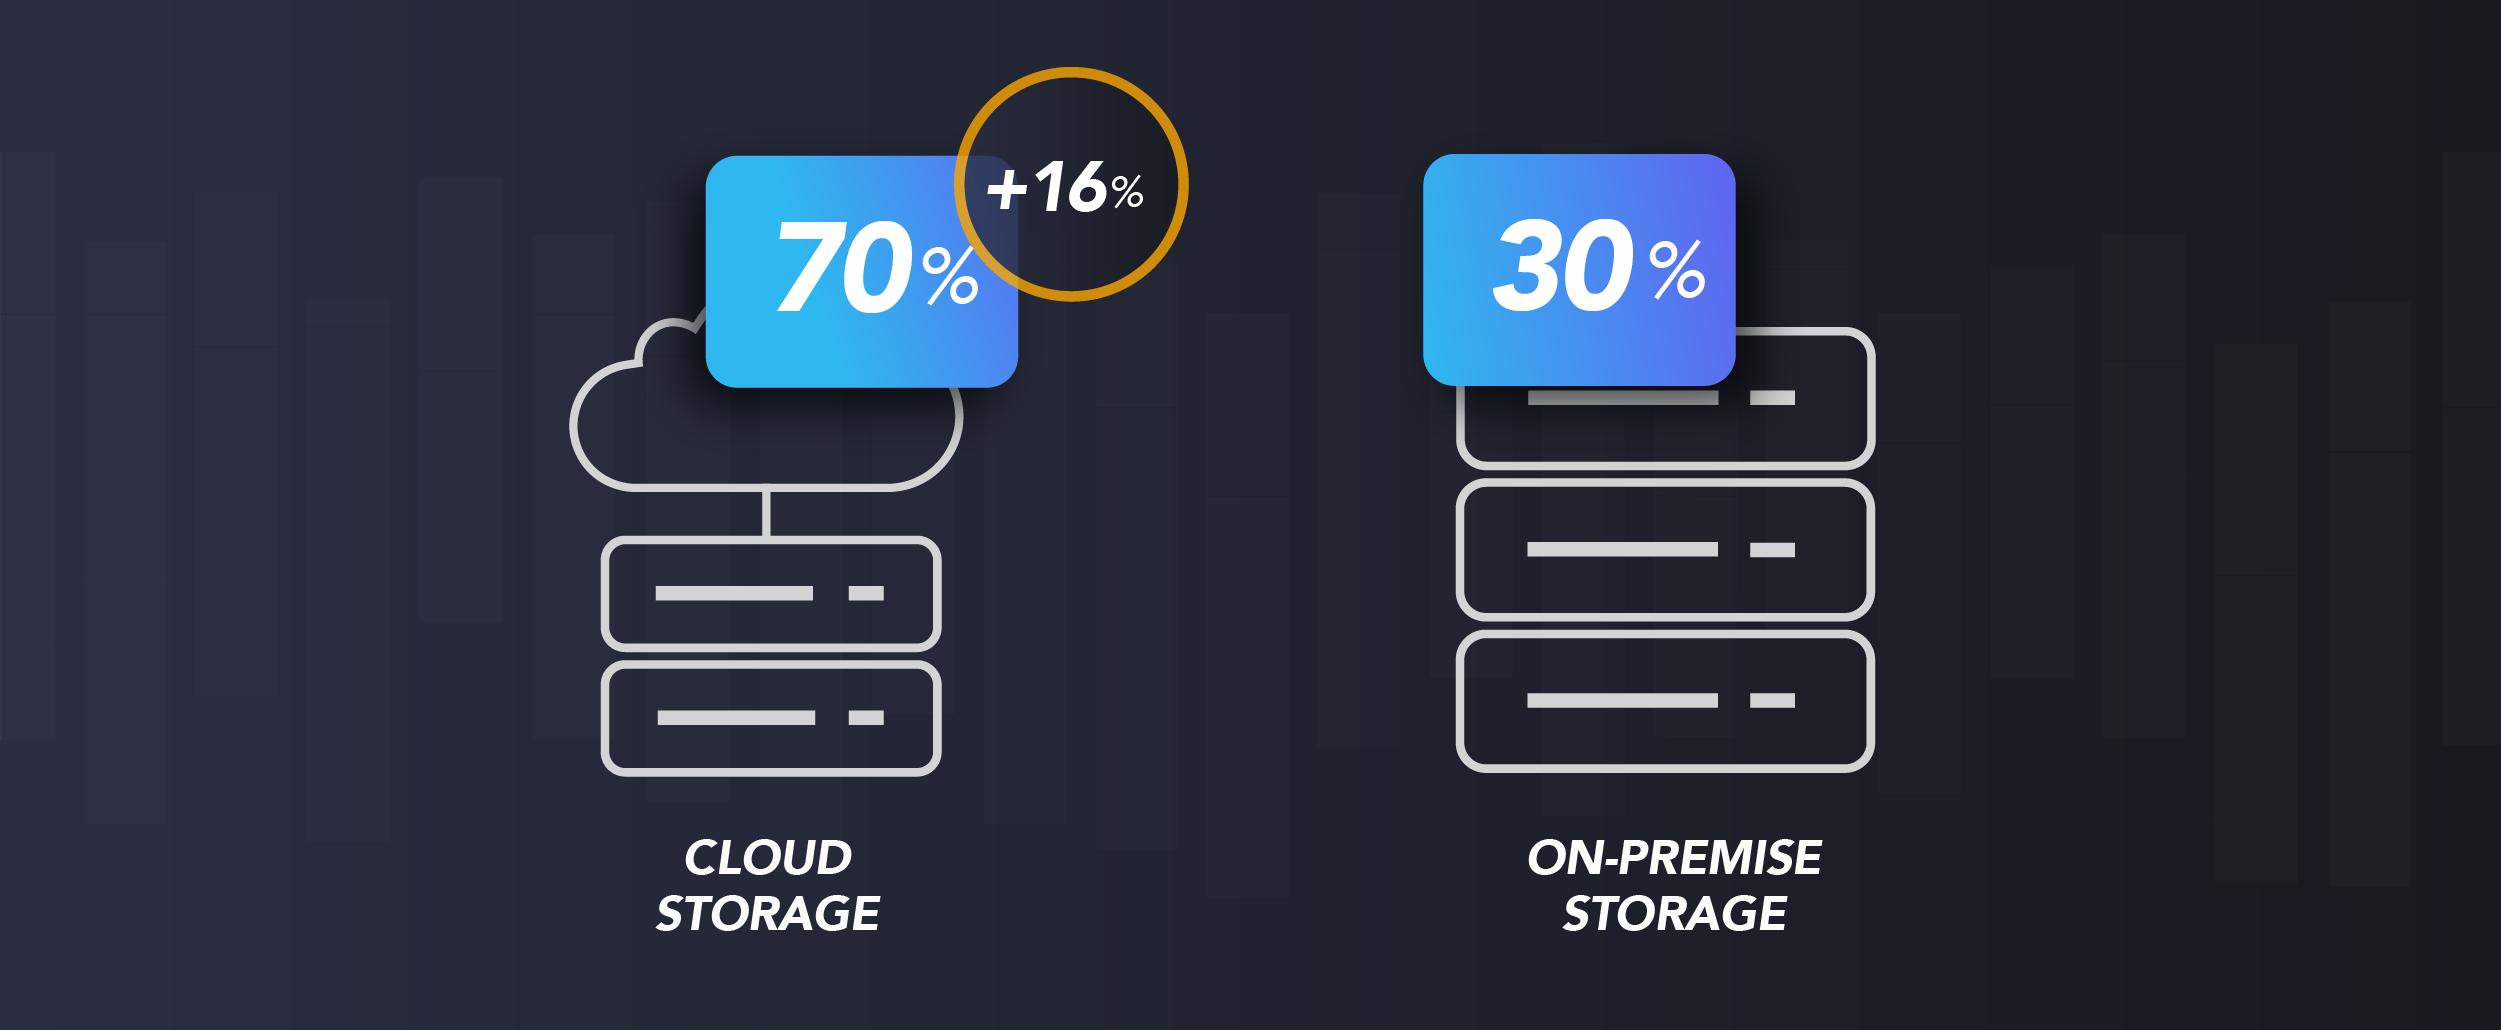 increase of cloud storage in iconik